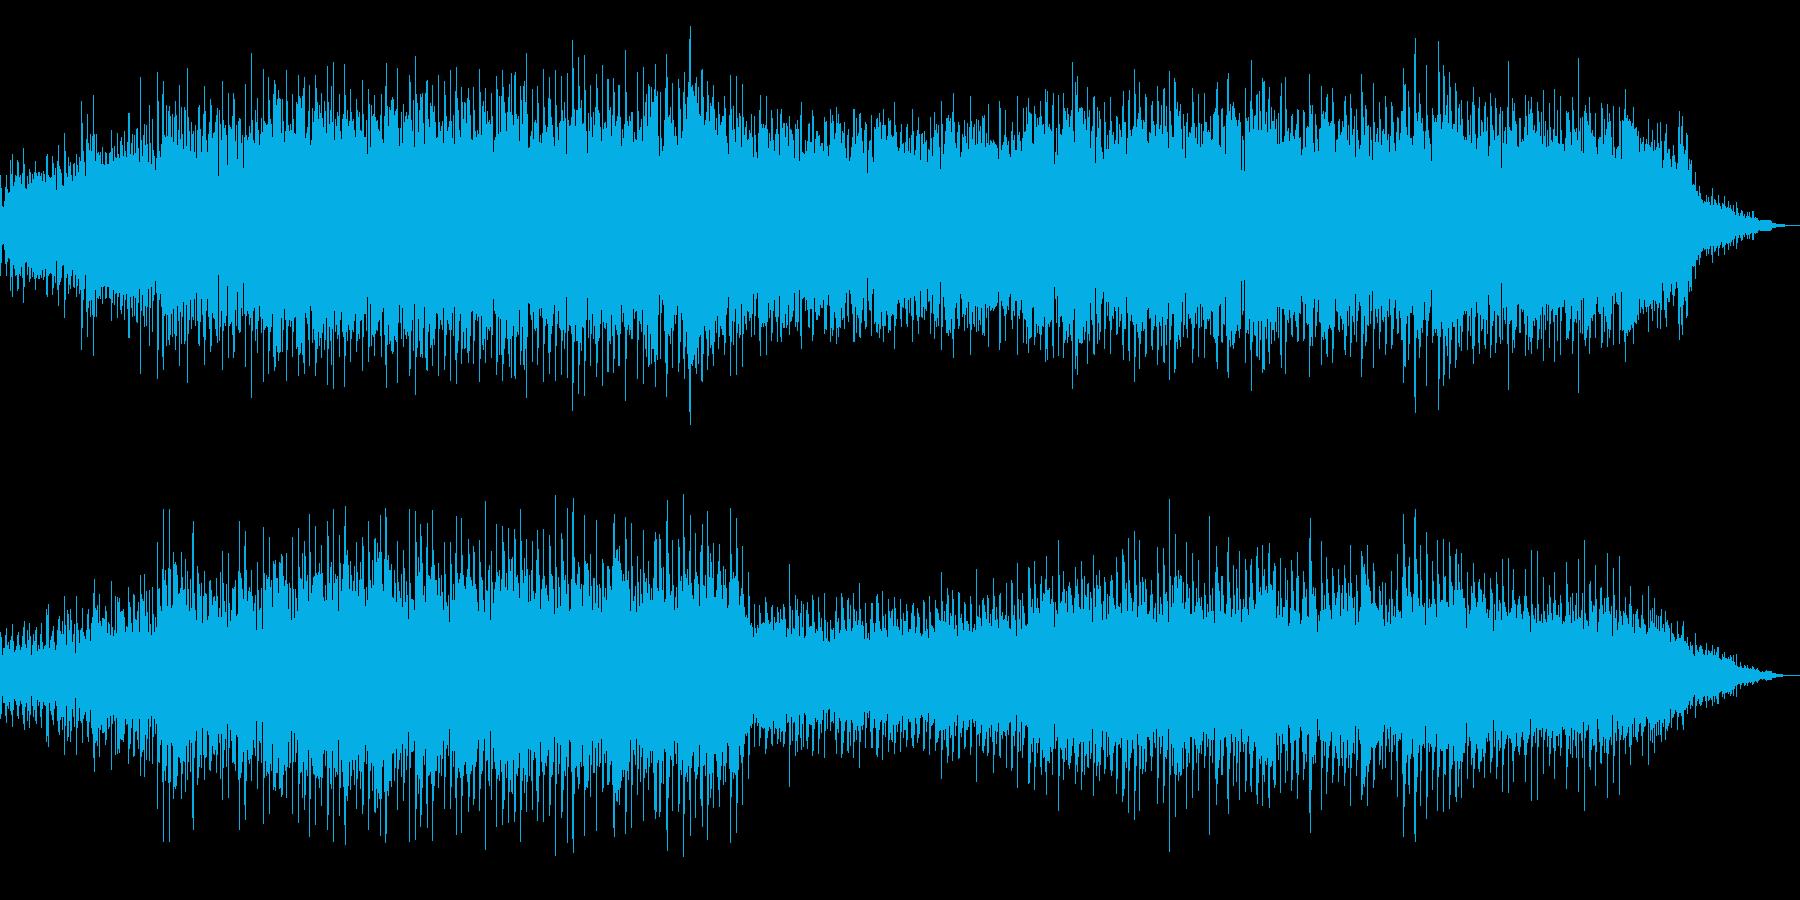 ポップ テクノ アンビエント ドラ...の再生済みの波形